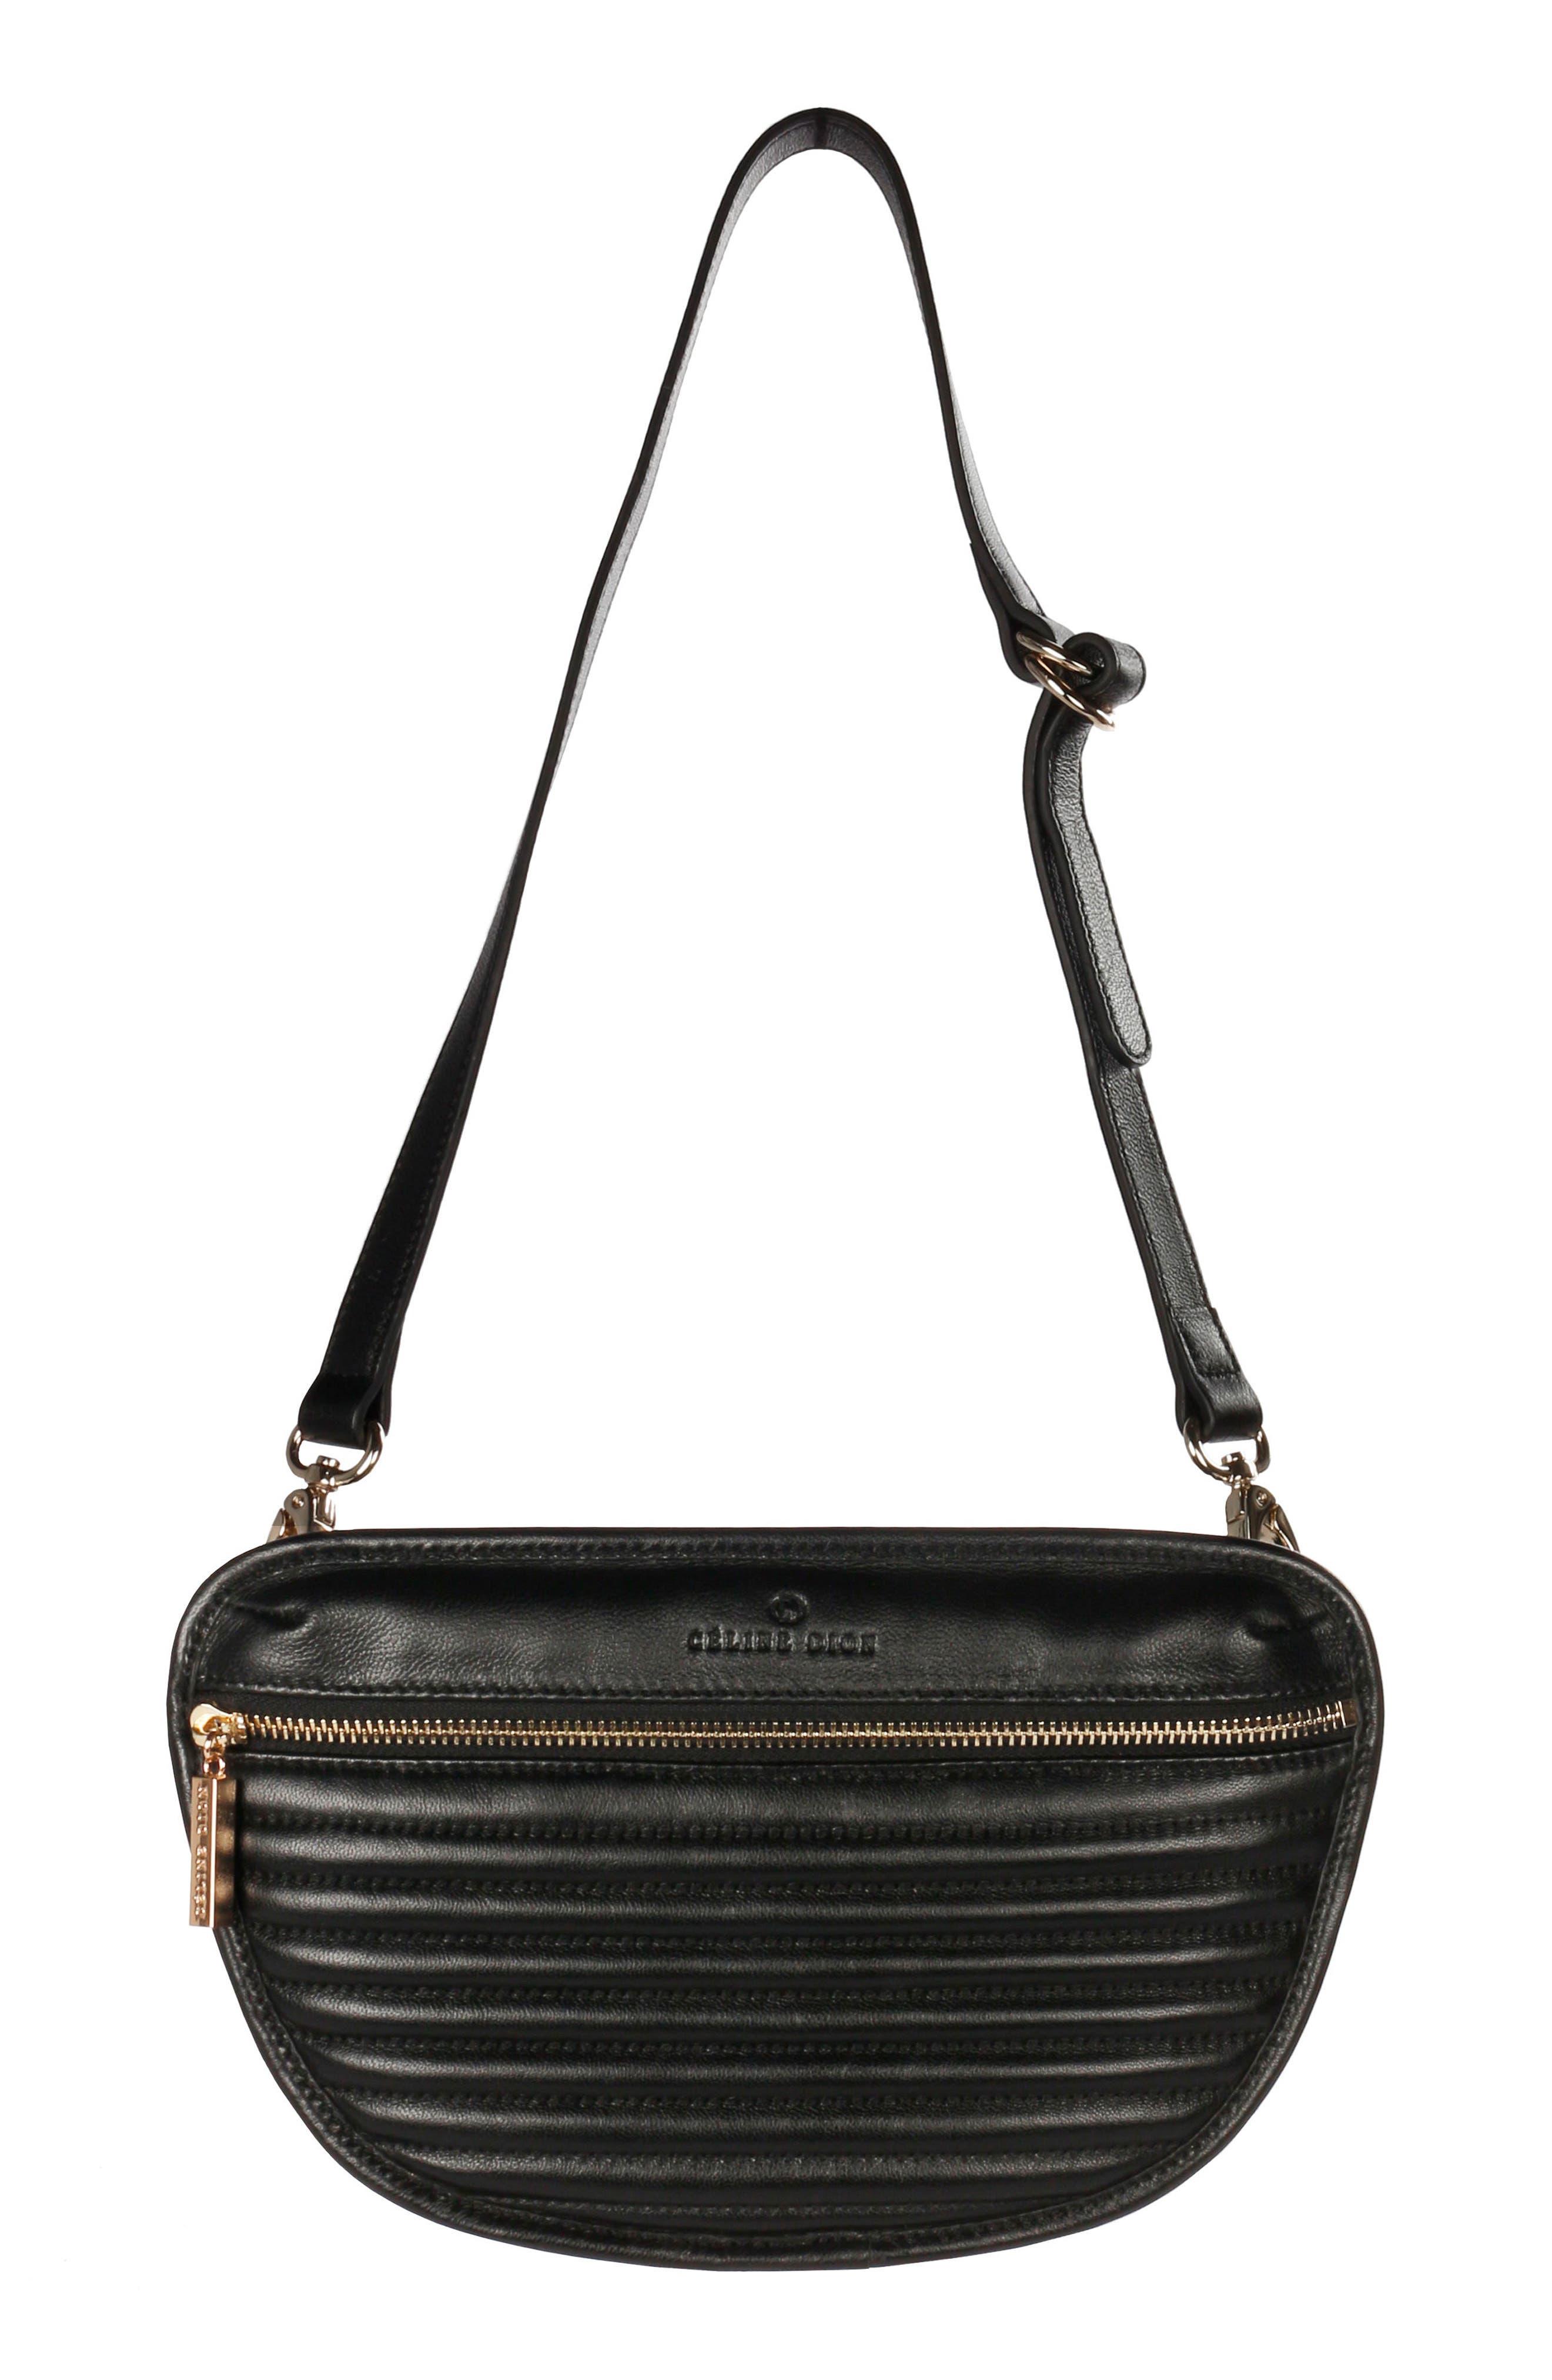 Céline Dion Vibrato Quilted Leather Money Belt,                             Main thumbnail 1, color,                             001